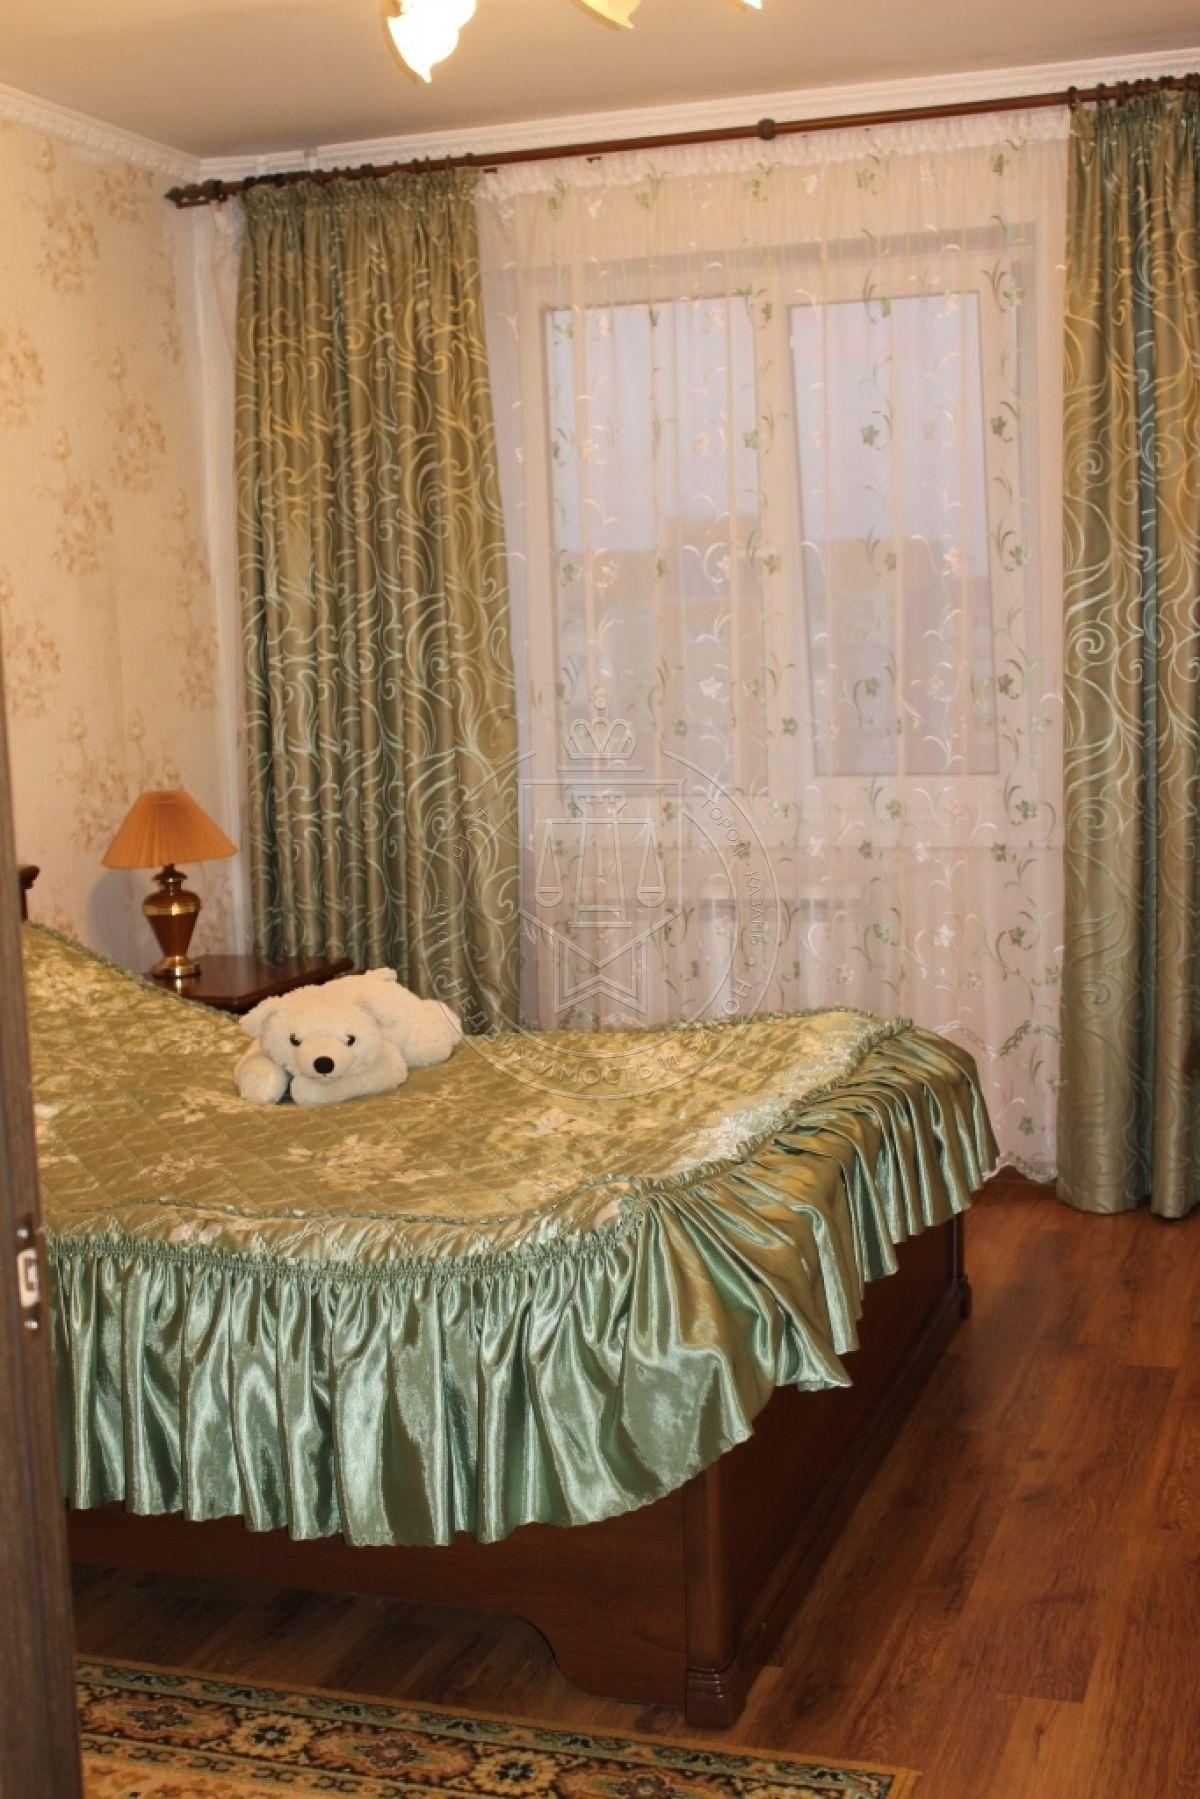 Продажа 2-к квартиры Победы пр-кт, 160, 60 м²  (миниатюра №3)